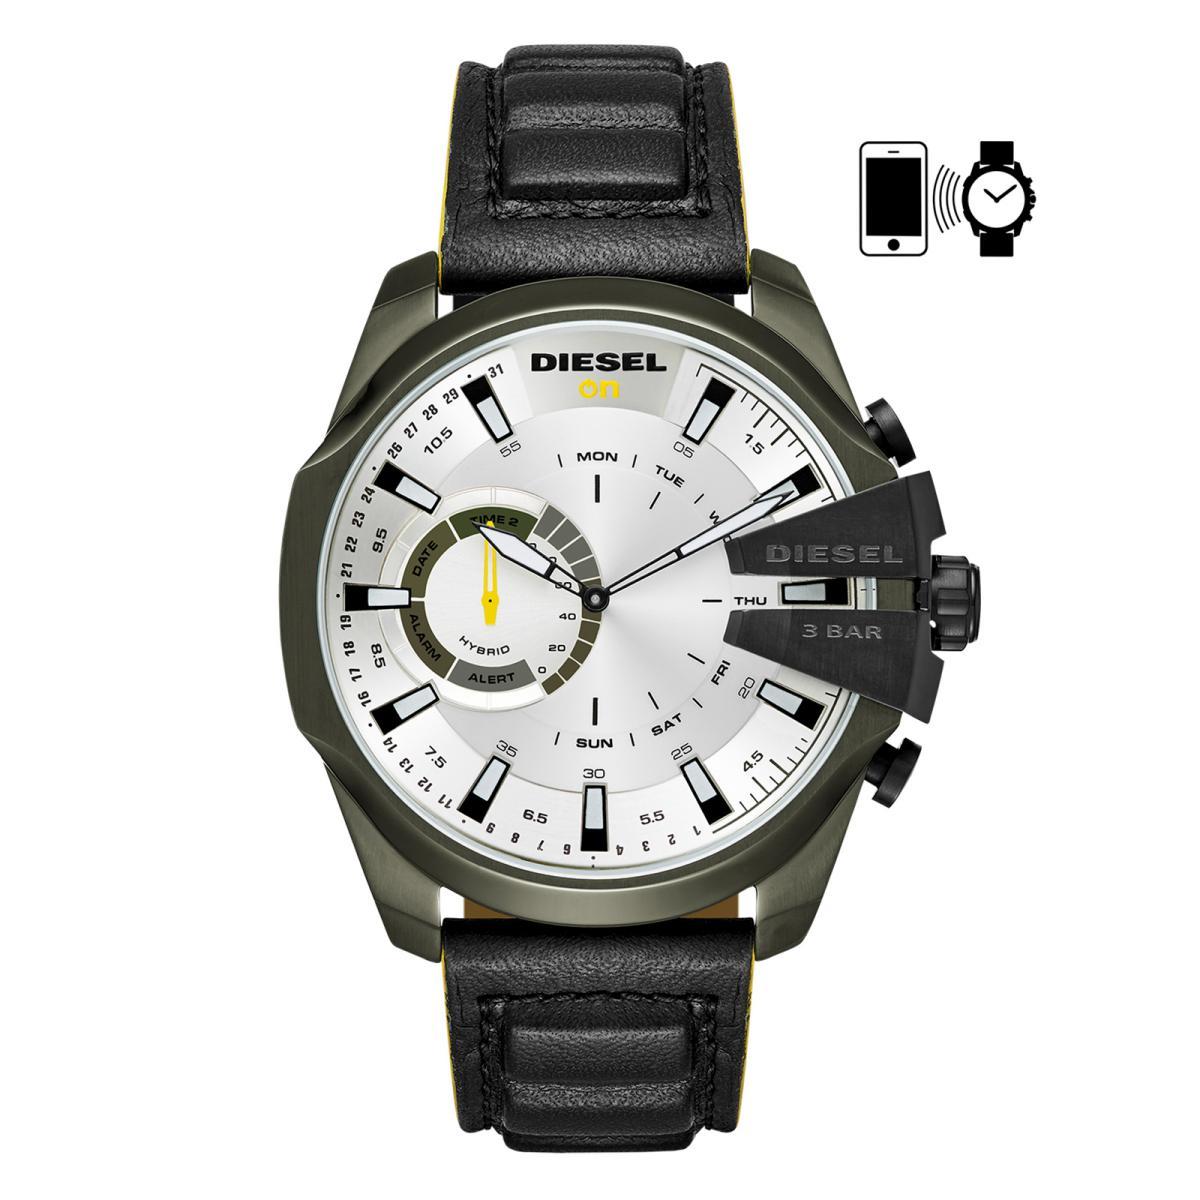 8243714e8e01 Reloj Diesel - DZT1012 - Hombre - Time Square